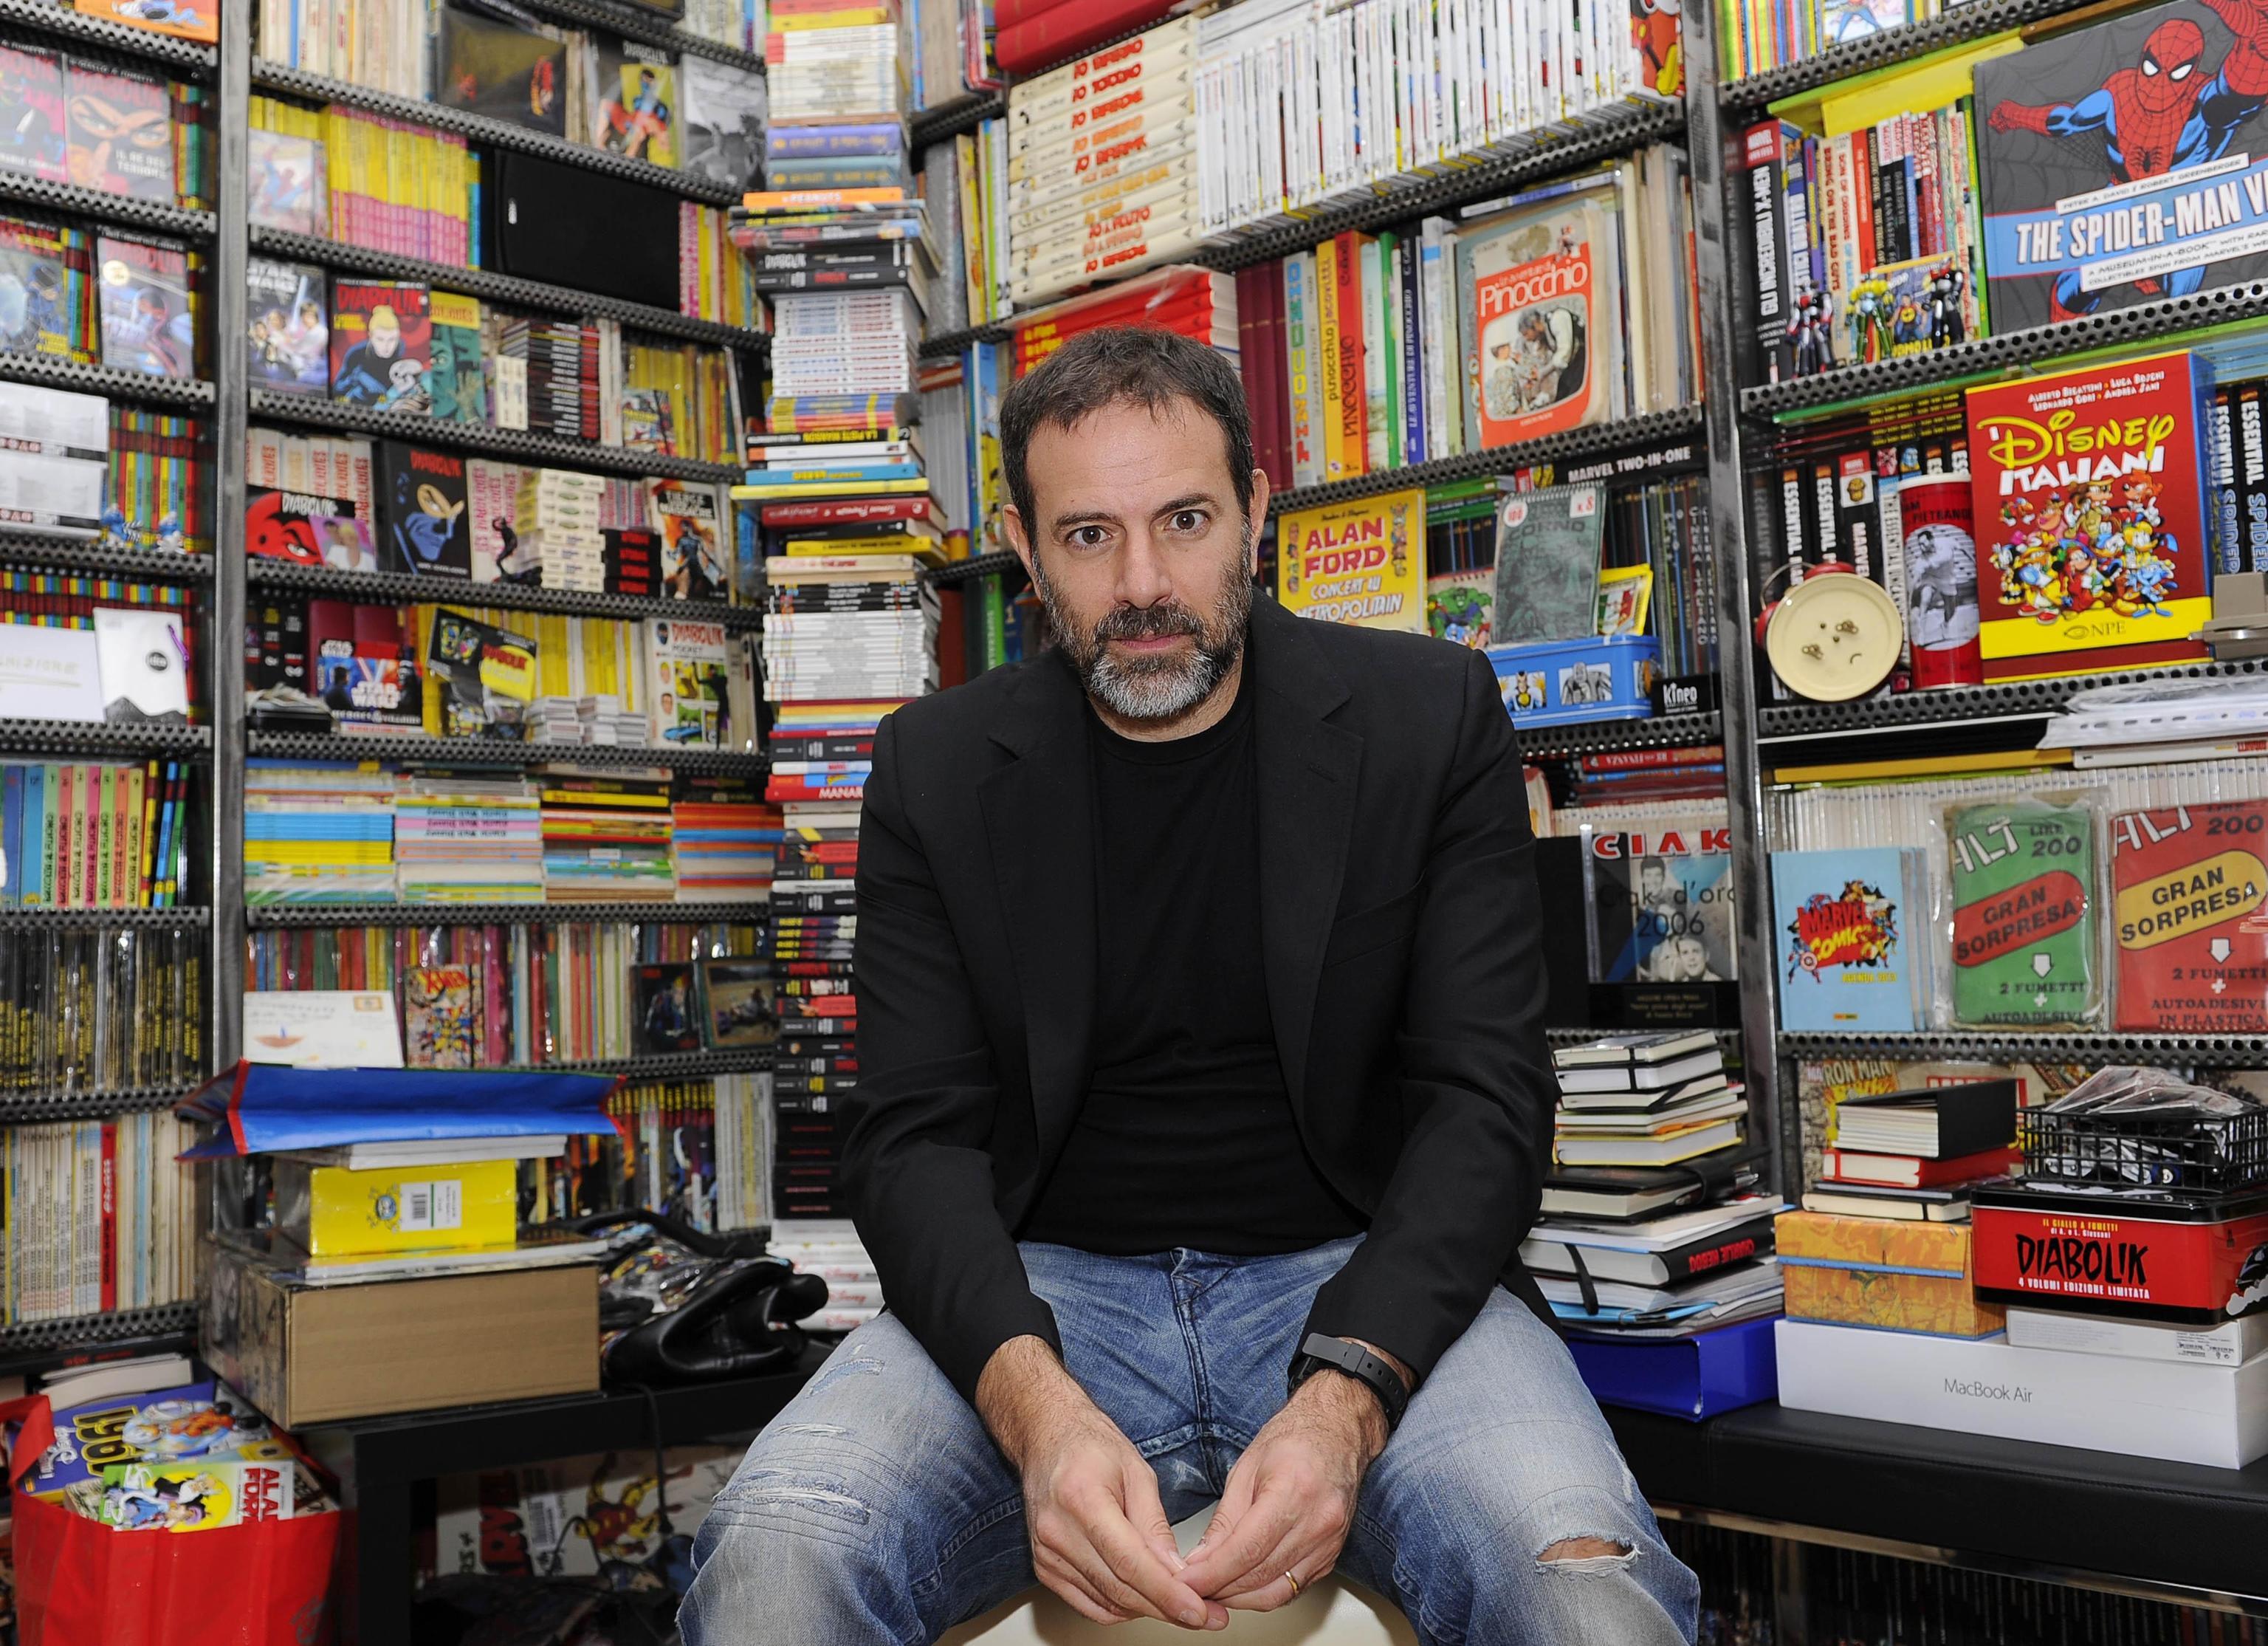 Molestie, Fausto Brizzi: